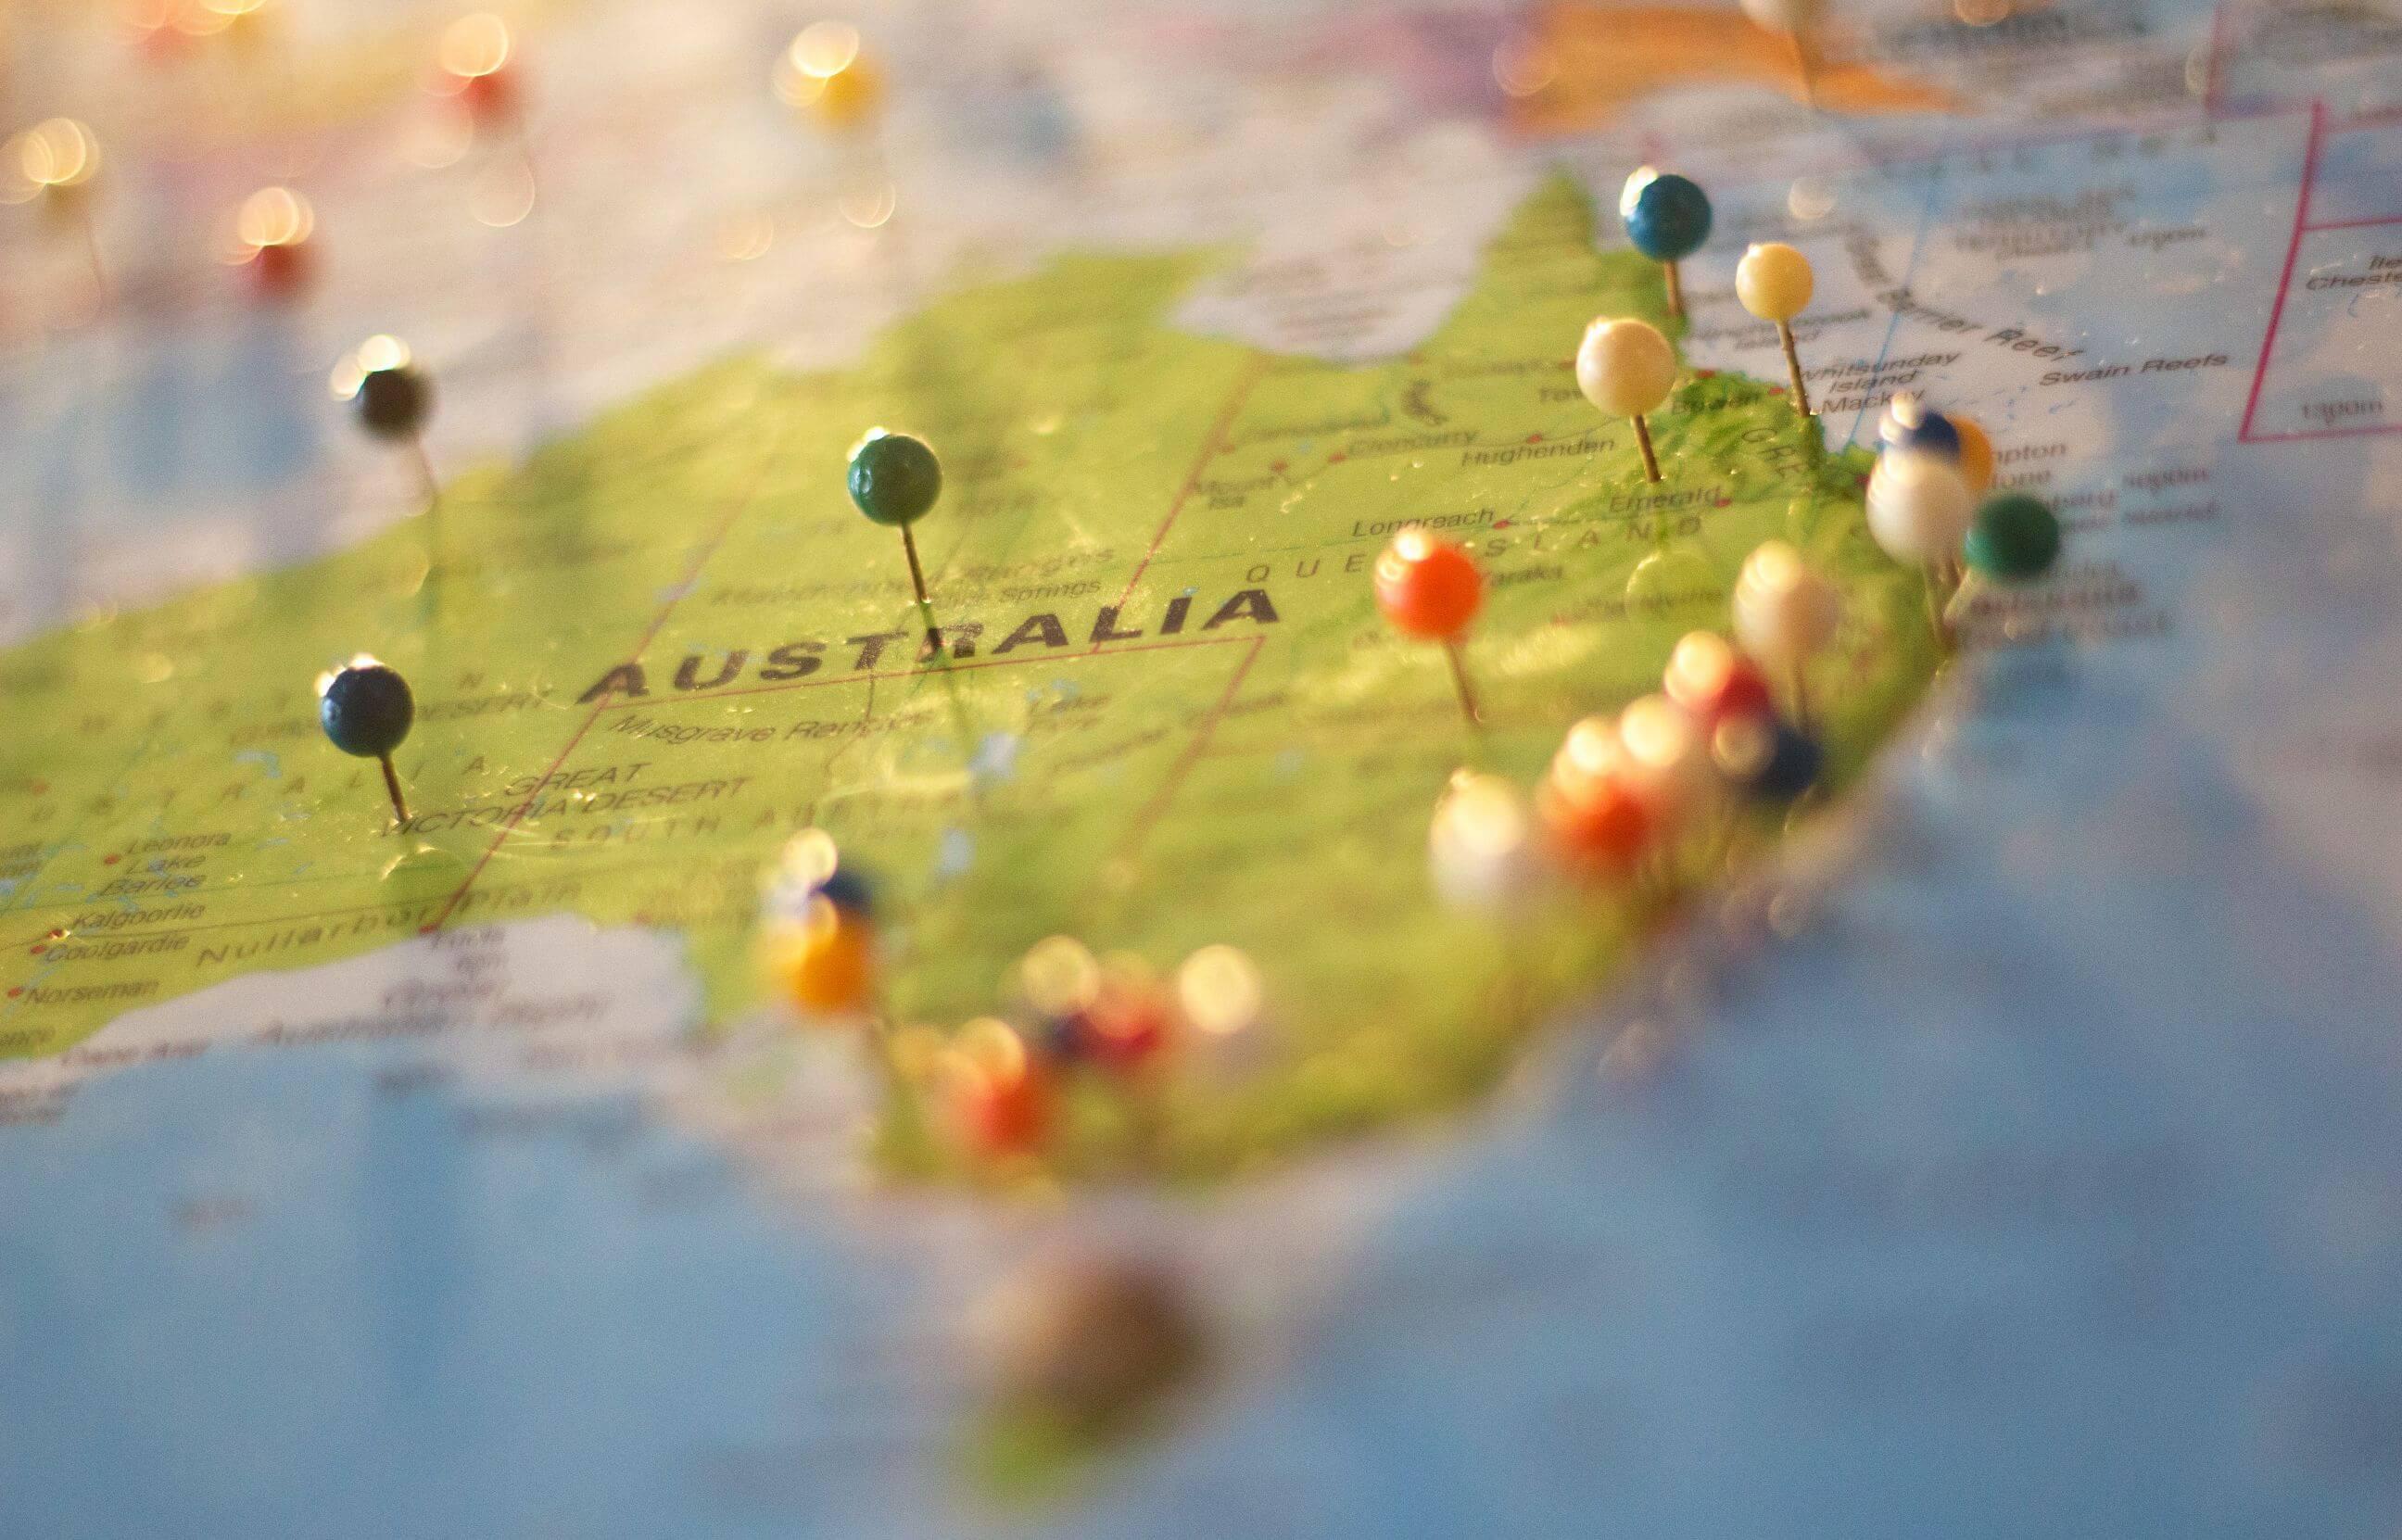 Muslims in Australia